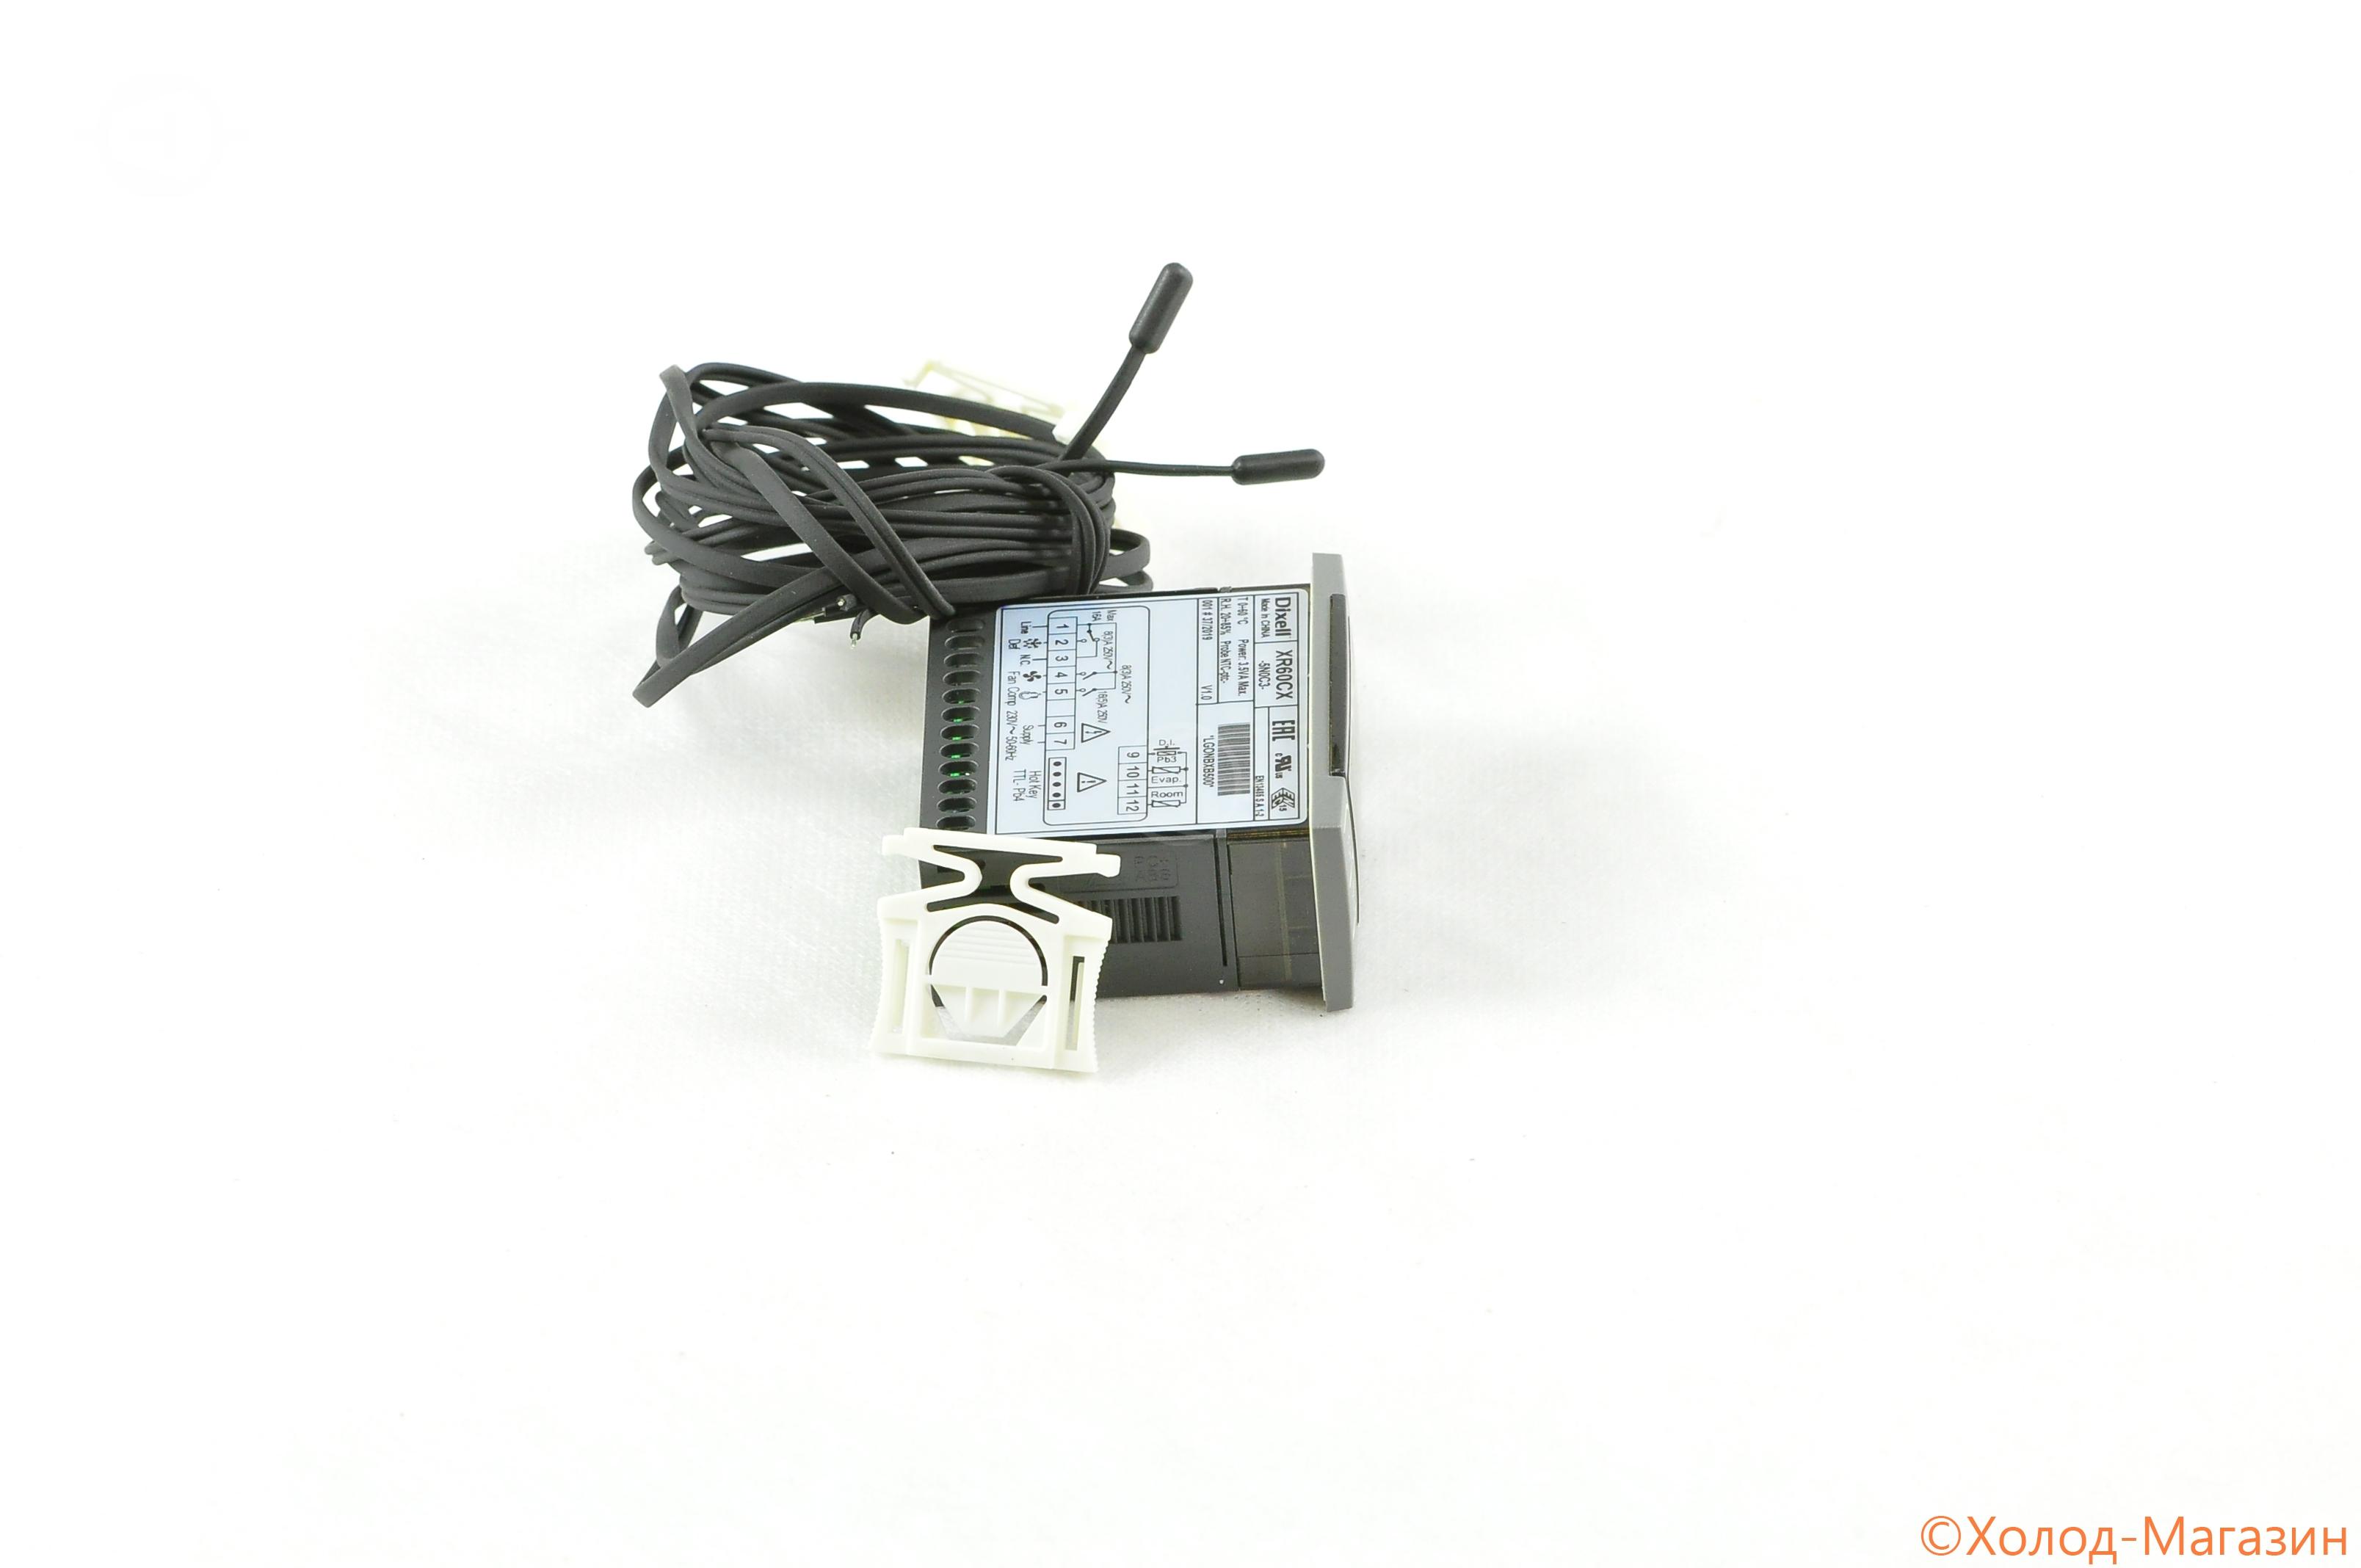 Контроллер Dixell XR60CX -5N0C3 NTC 2R=8+16A +2NG6/1.5 STE